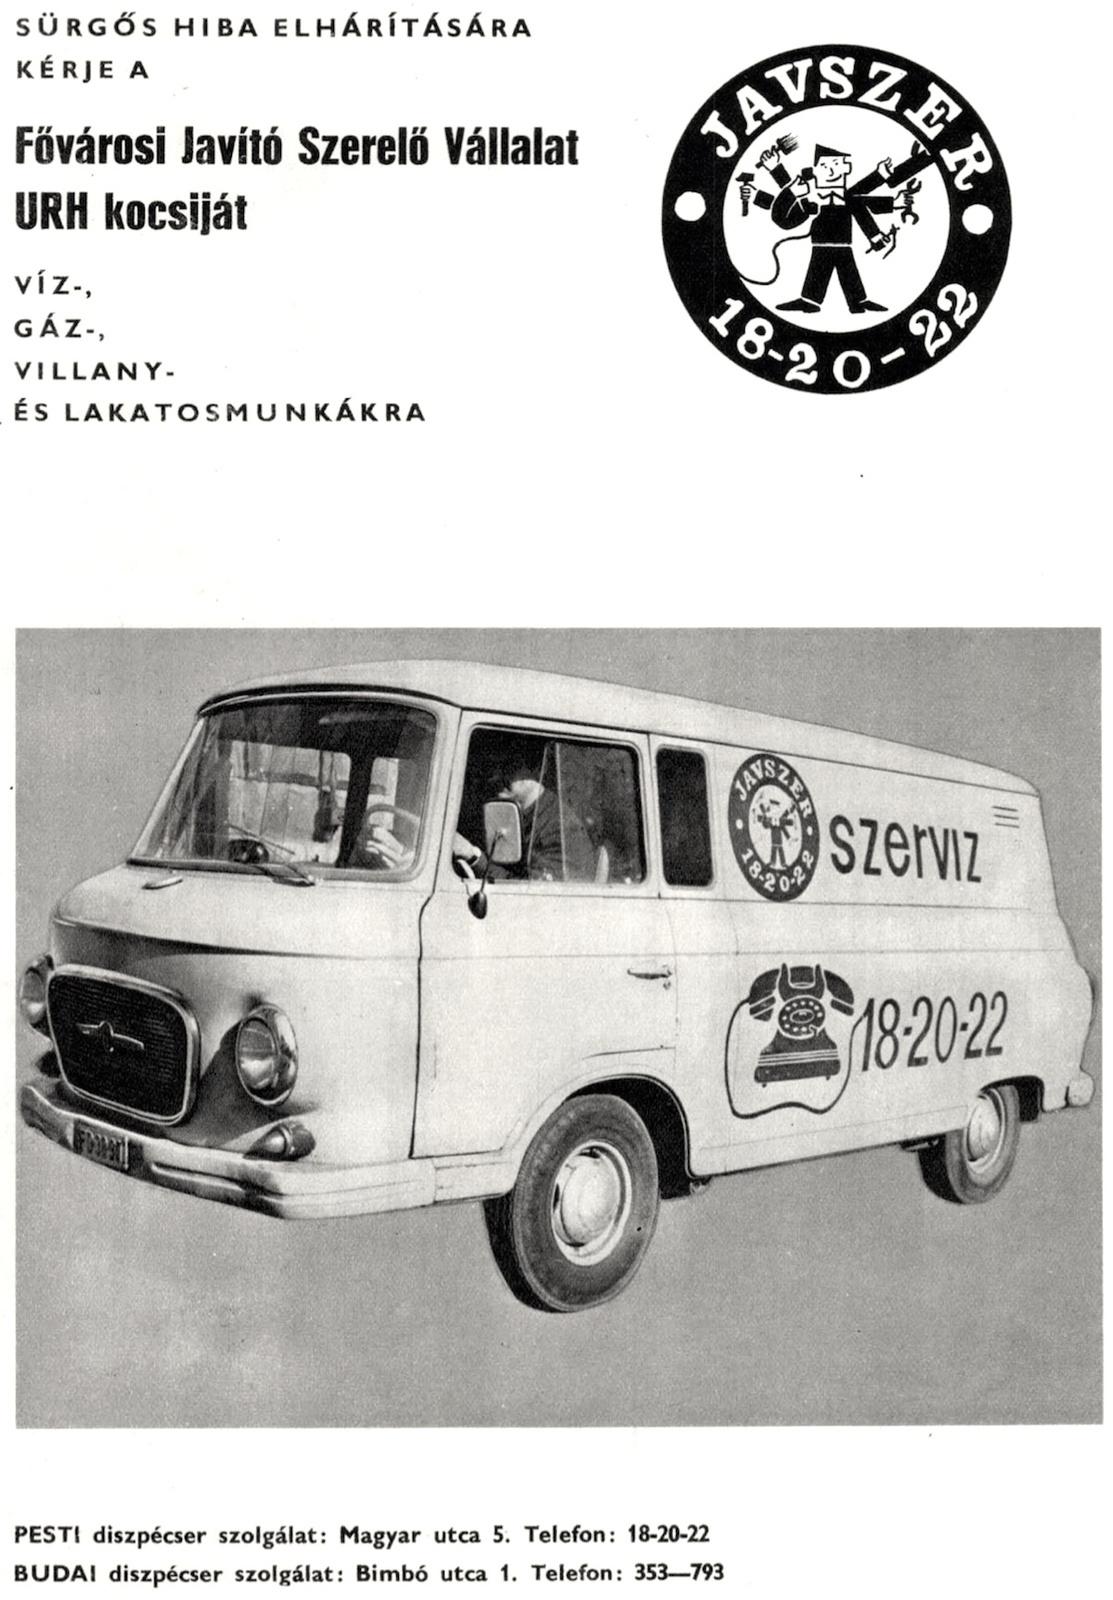 fovarosi.blog.hu: 196707-Javszer - indafoto.hu